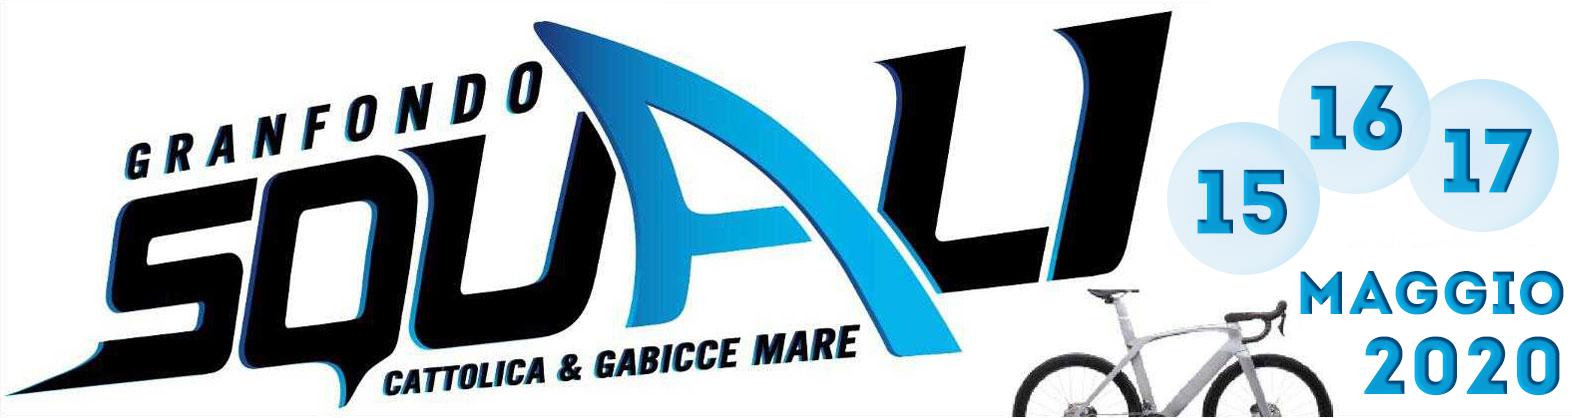 logo_granfondo_degli_squali_mobile1 2020